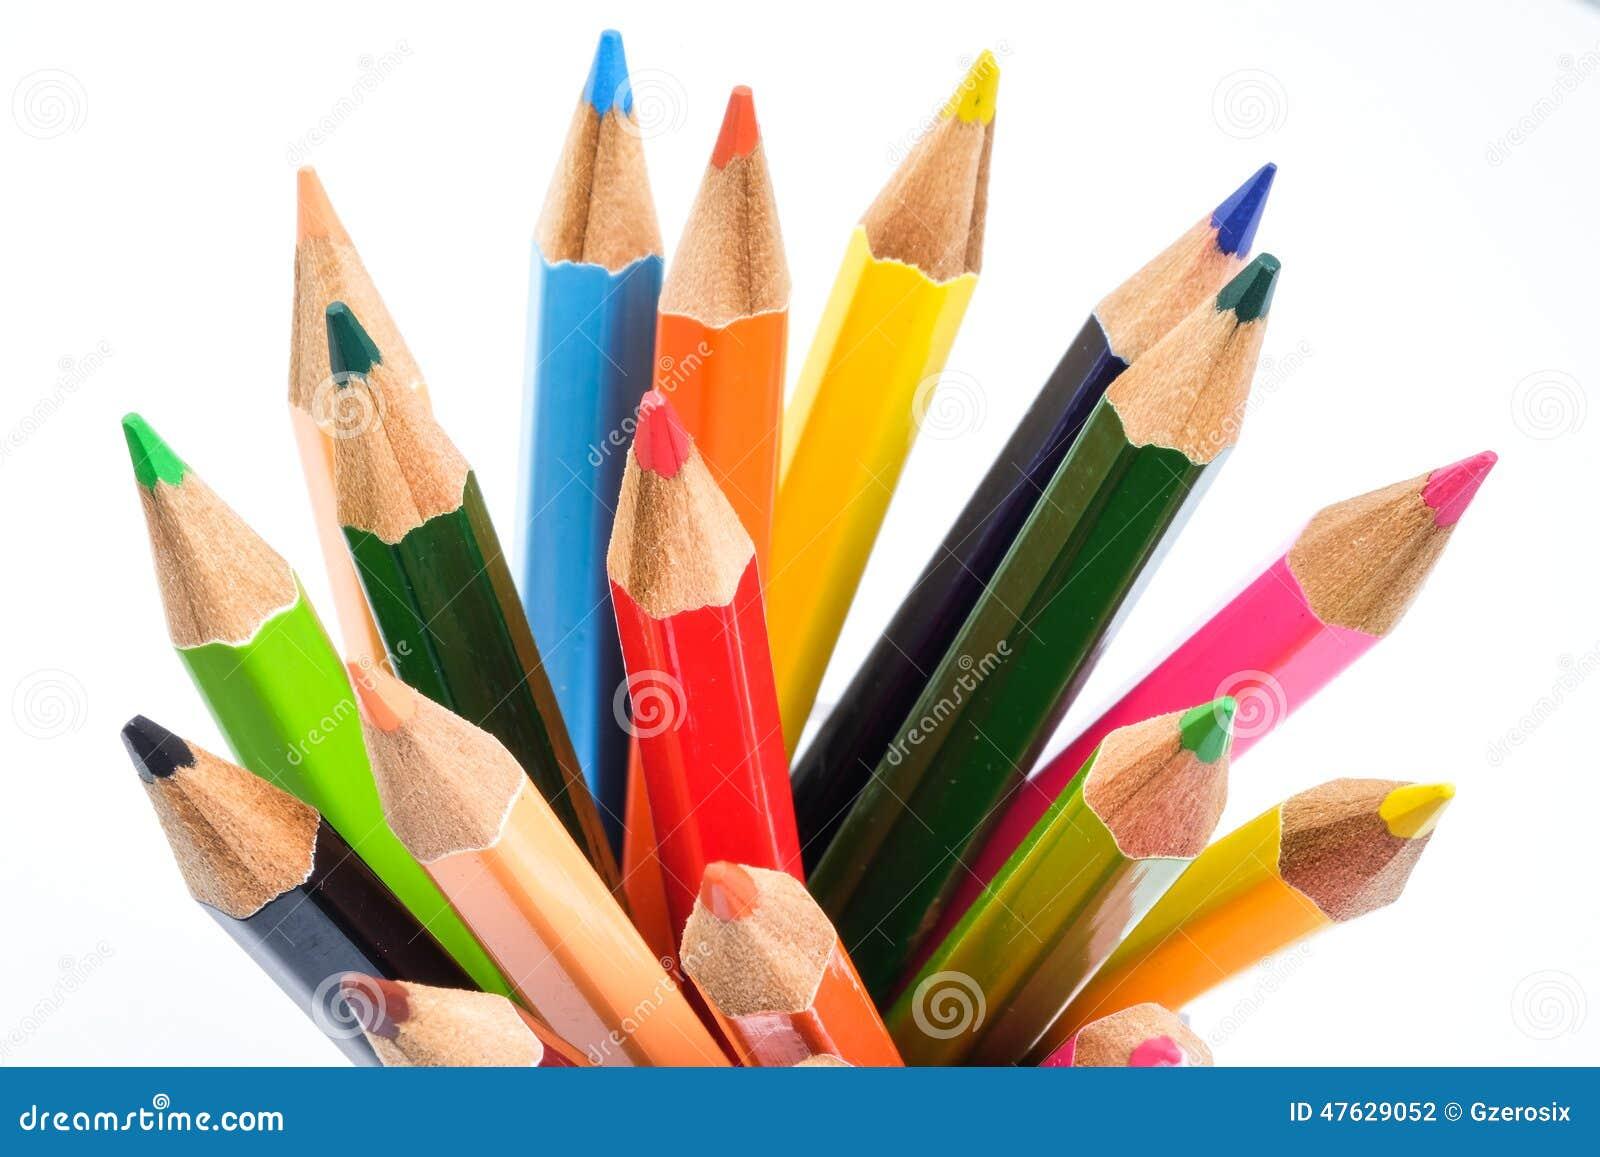 Colori la matita fotografia stock immagine di estratto - Immagine di terra a colori ...